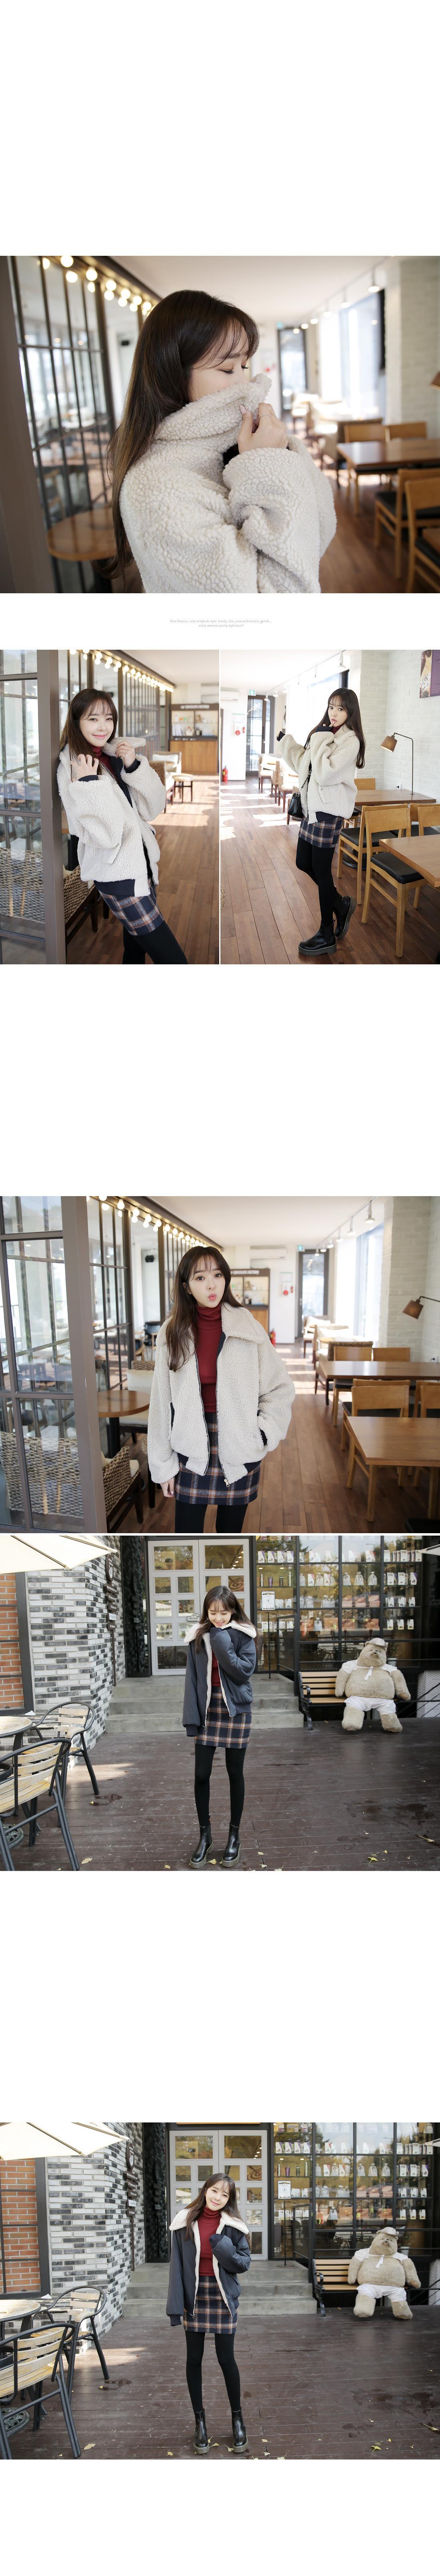 Wang Check Minisack